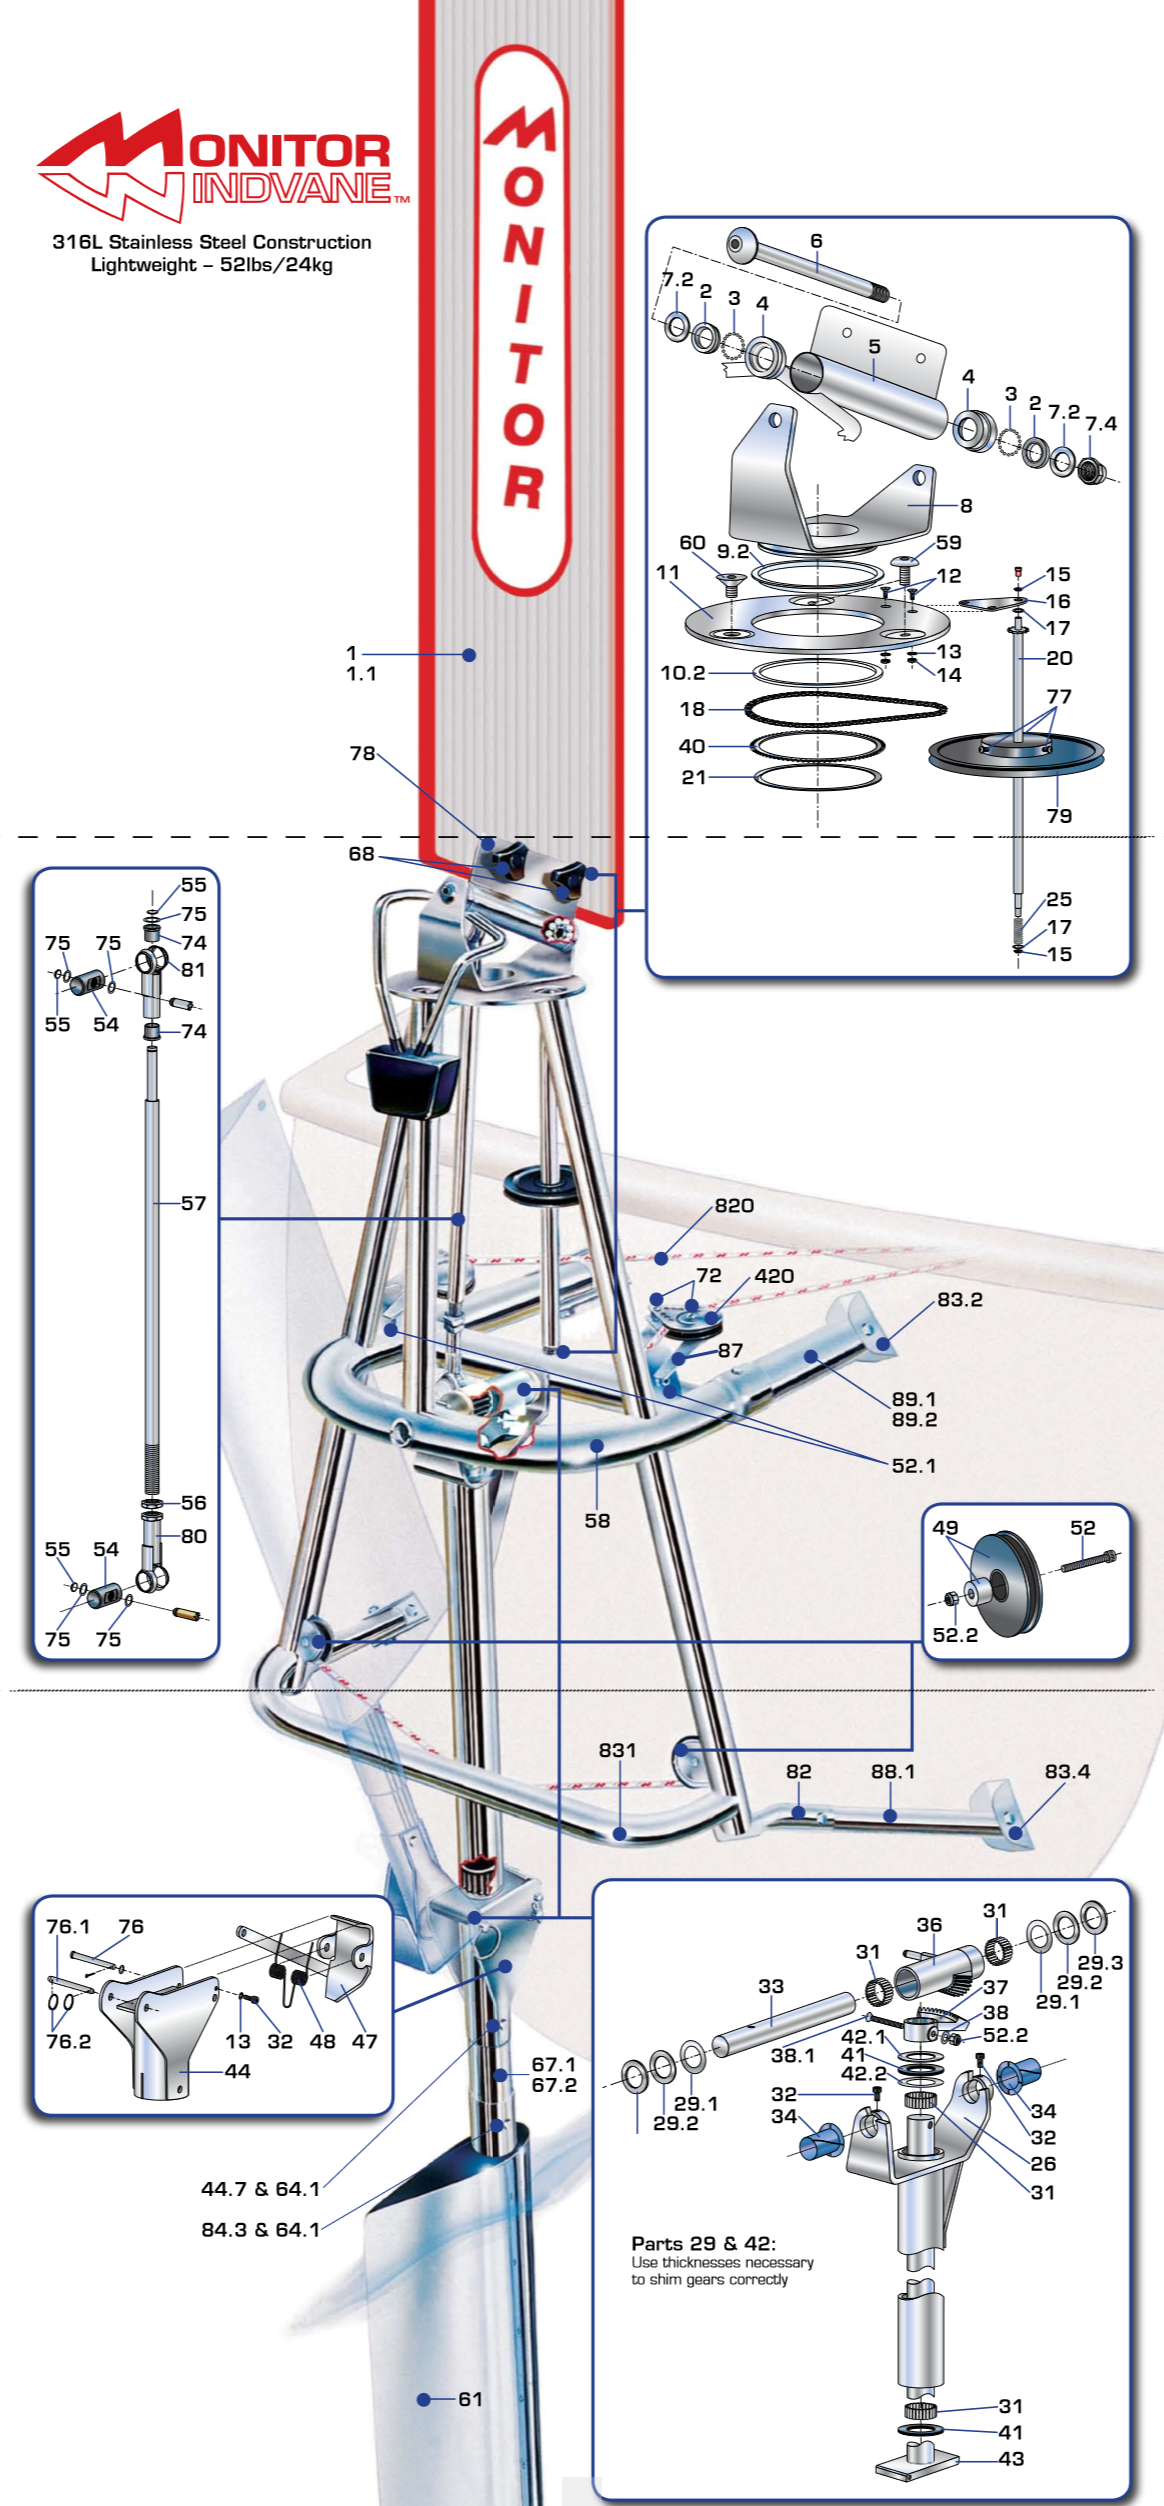 Monitor Master Parts Diagram